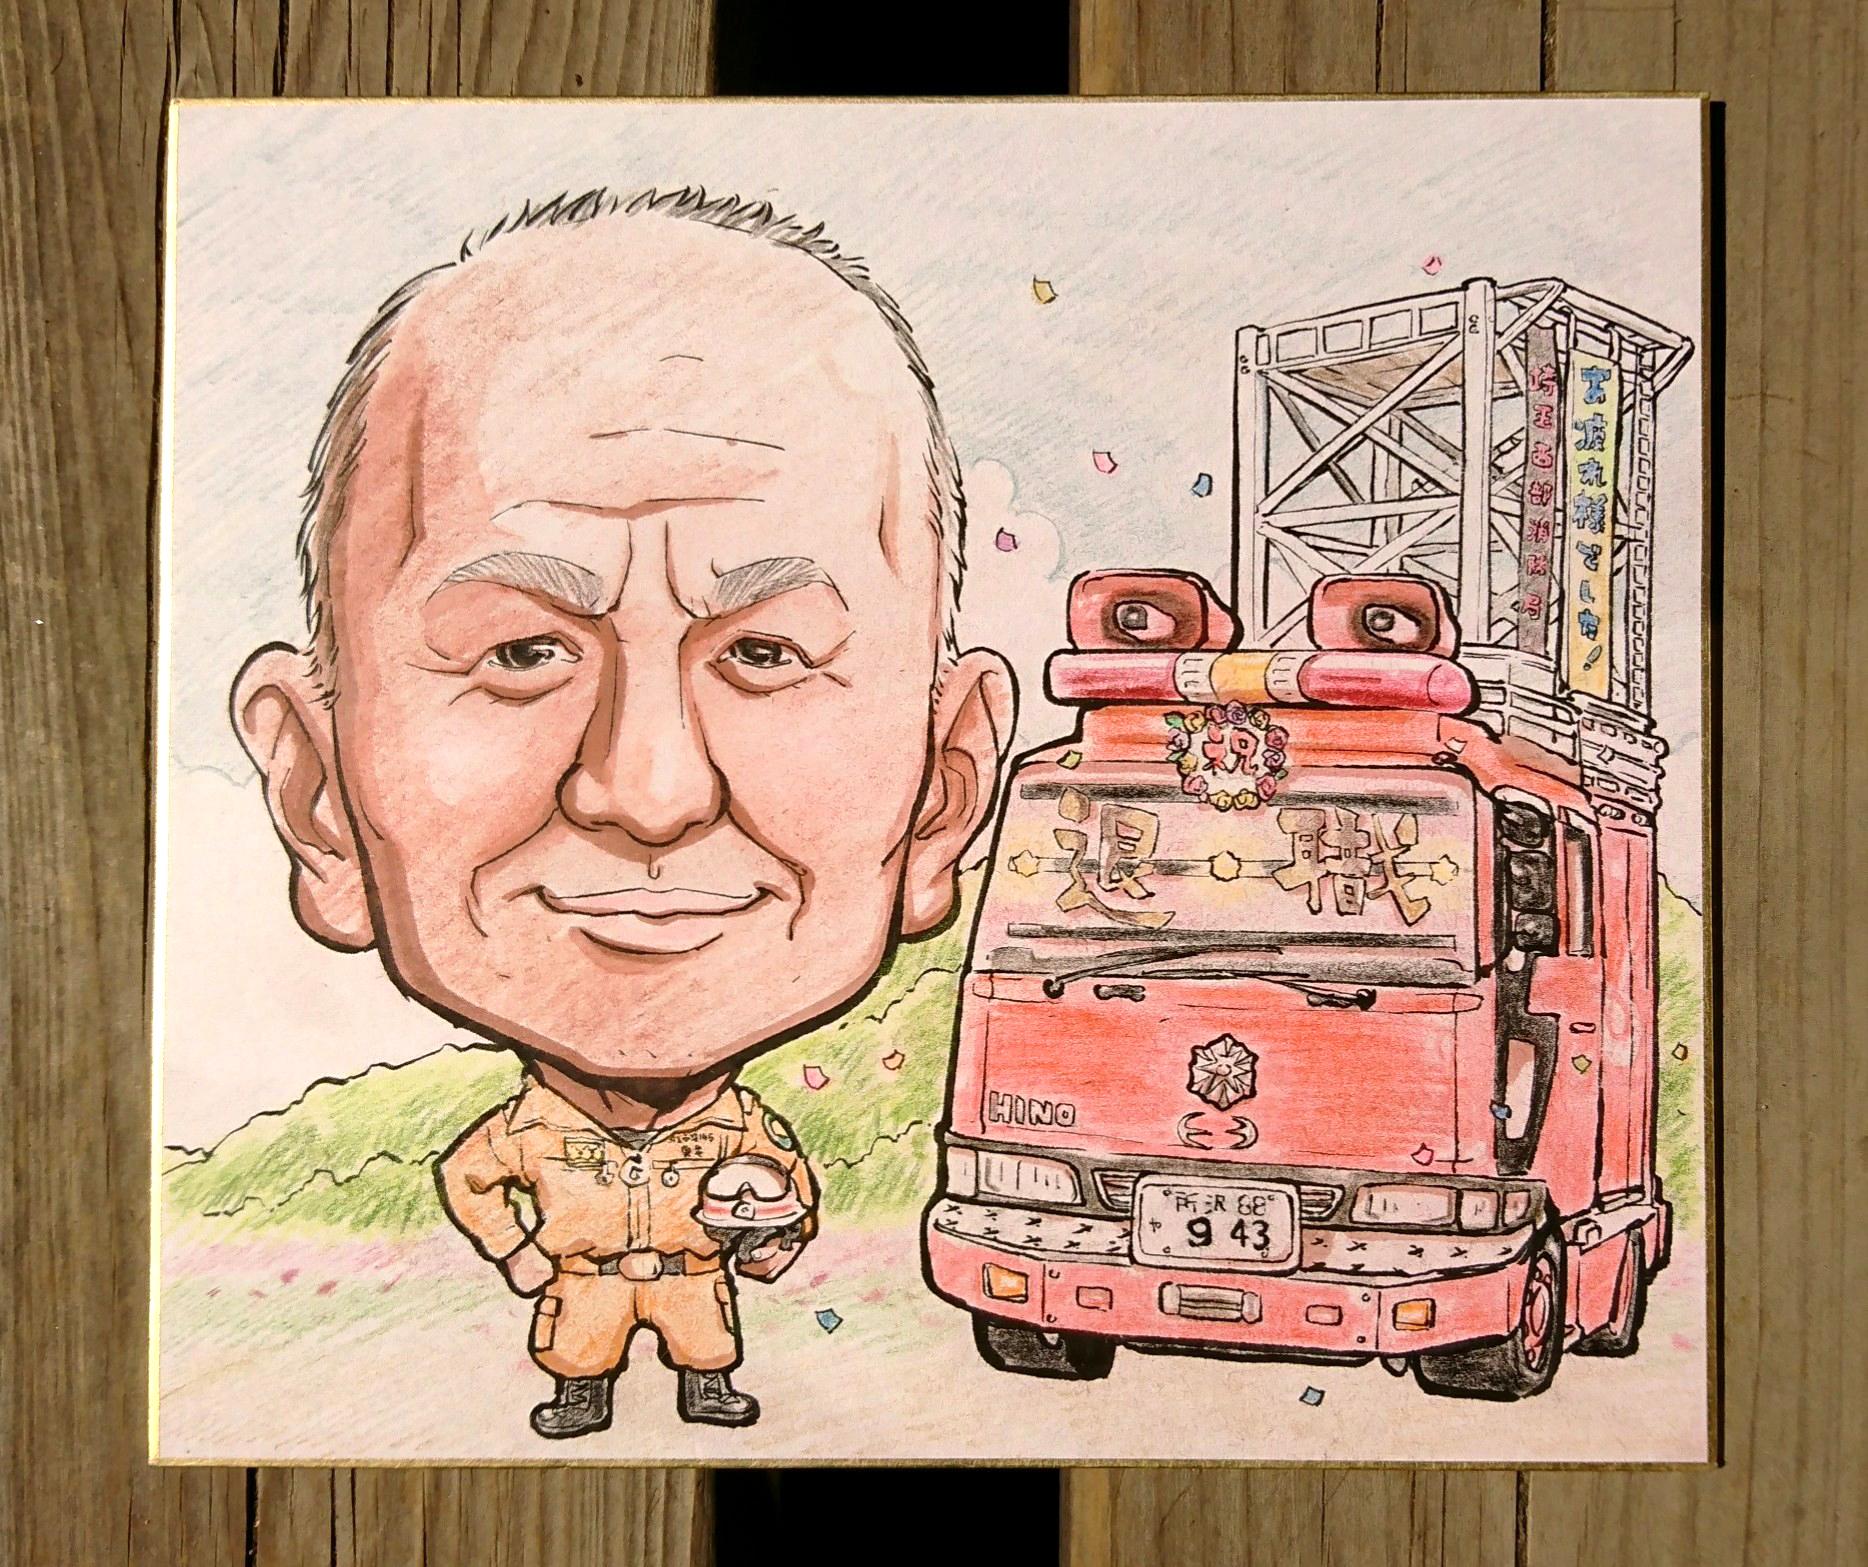 消防士隊長様の退職祝い似顔絵。 消防車と訓練塔をバックに。